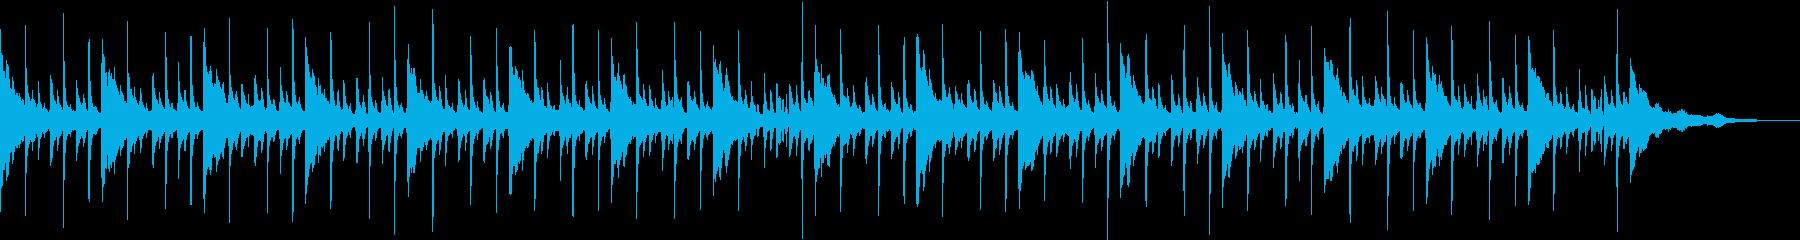 オルゴール風のクリスマスソングの再生済みの波形